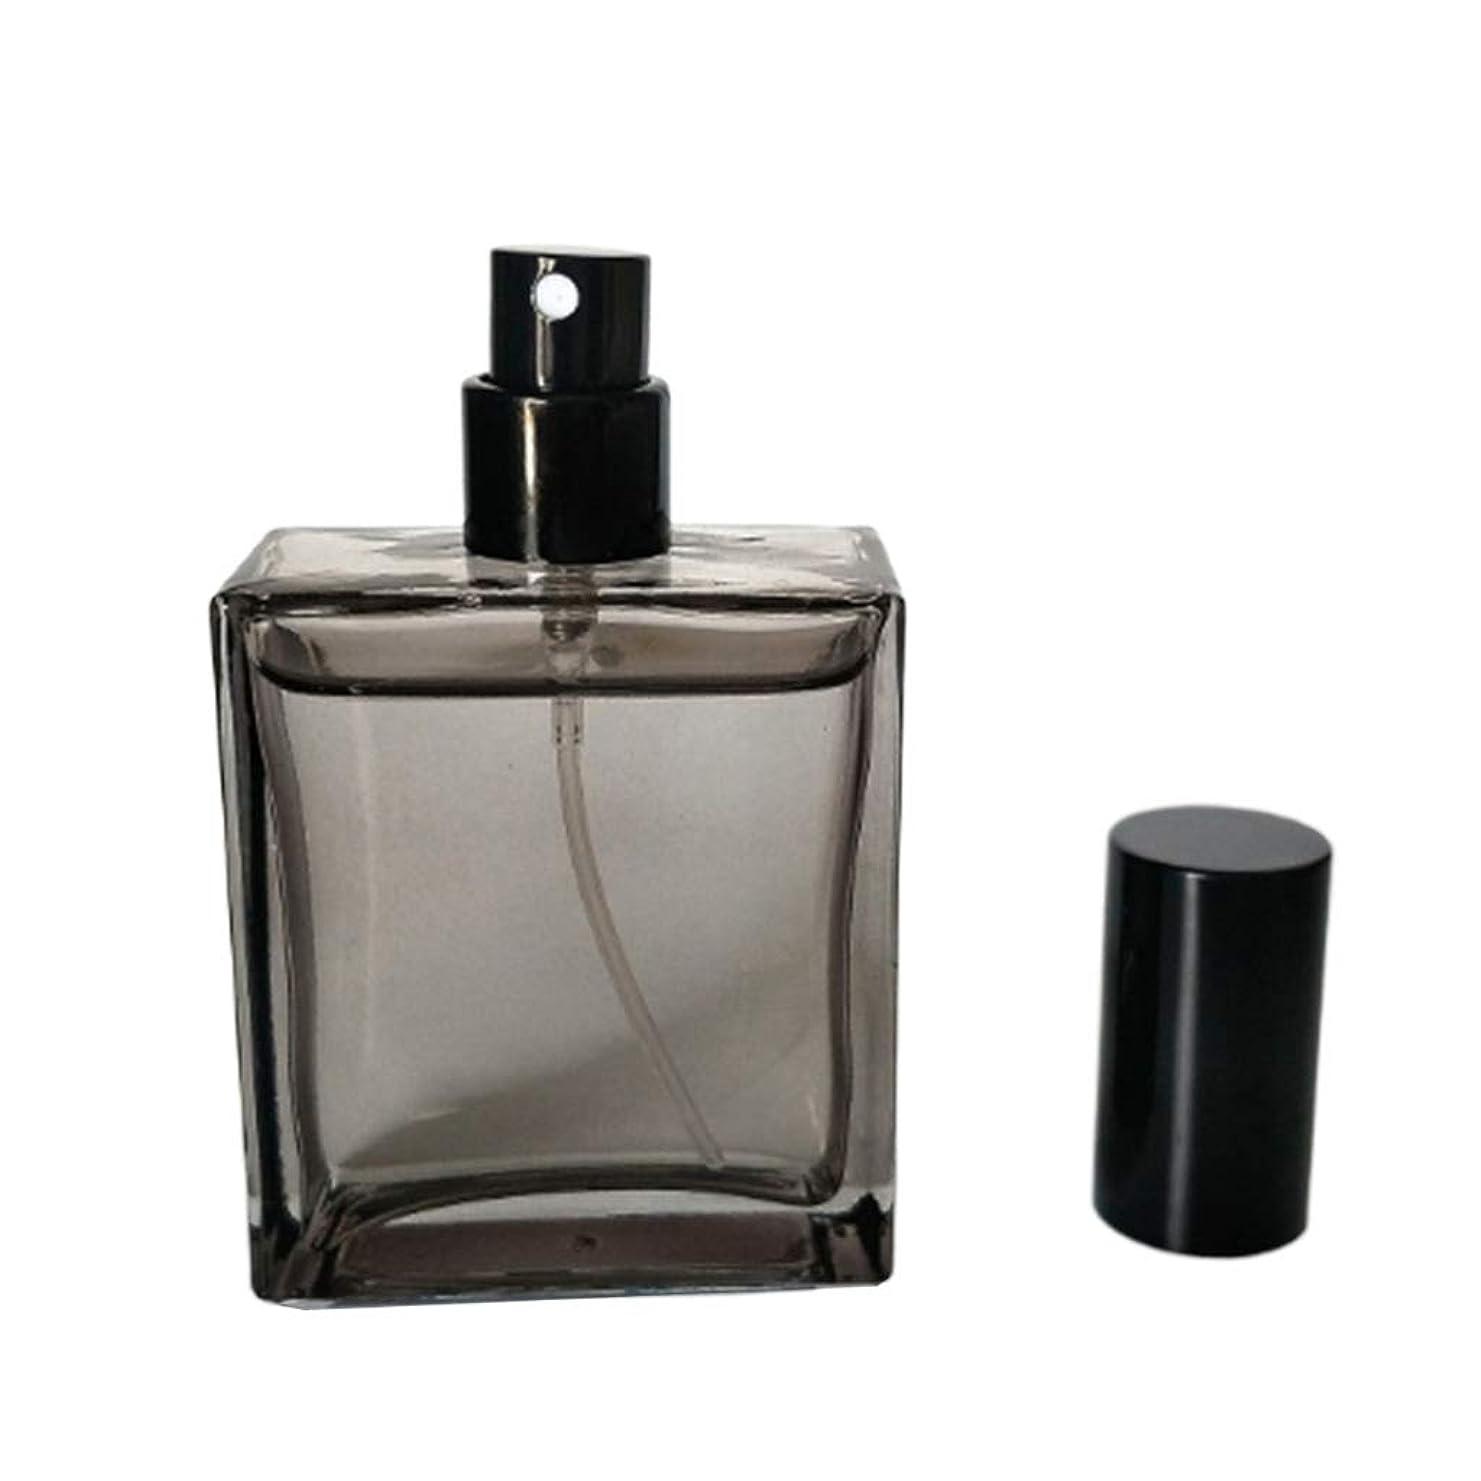 アルファベット蒸発方言Injoyo ガラス スプレーボトル ポンプボトル 詰め替え 香水アトマイザー 化粧水瓶 噴霧器 50ML おしゃれ